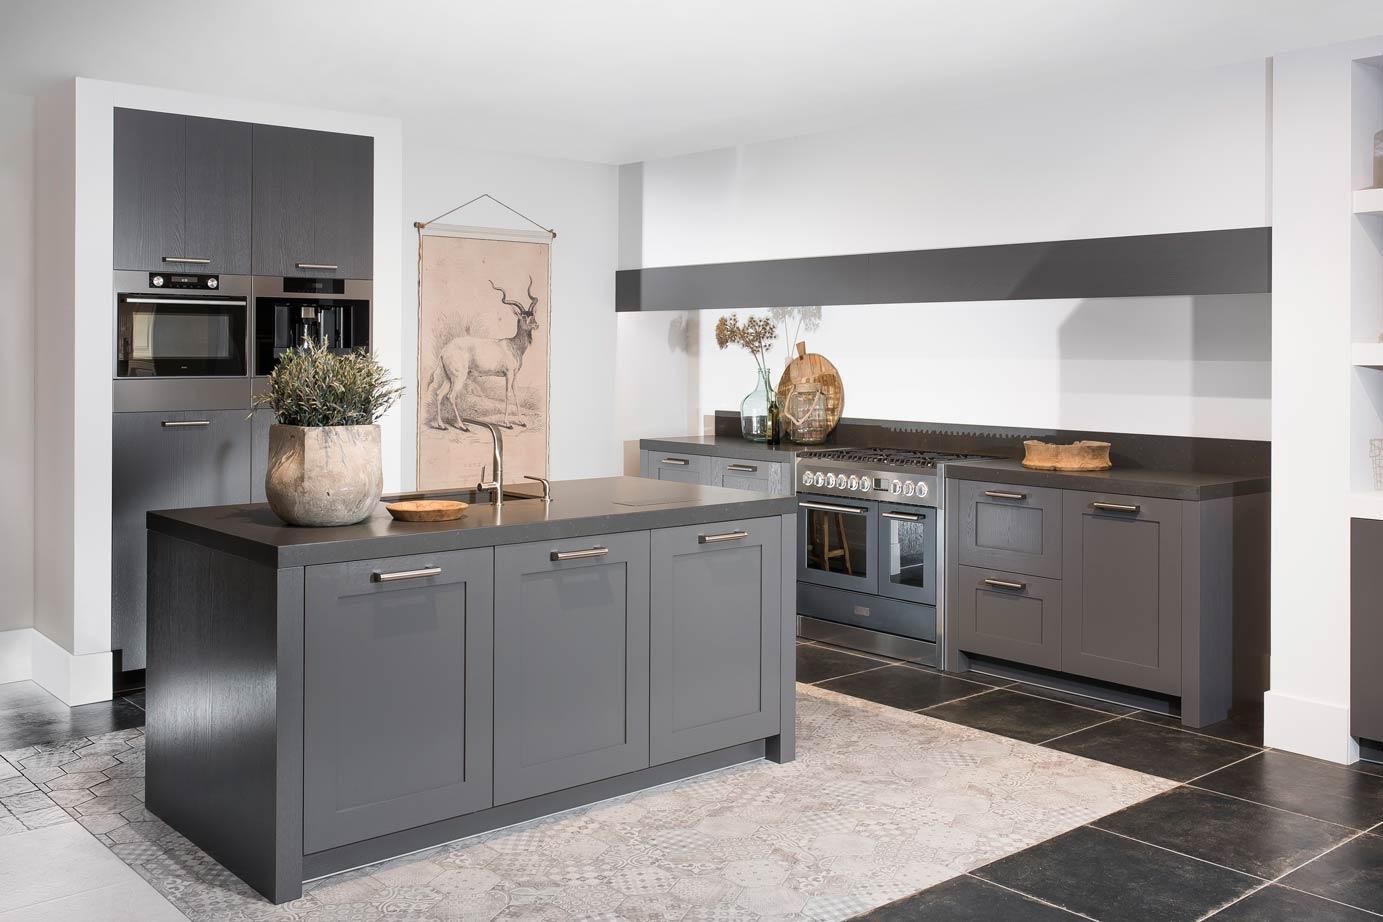 Kookeiland Keuken Houten : Houten fronten ikea keuken bestemd betonnen keukenblad ikea free